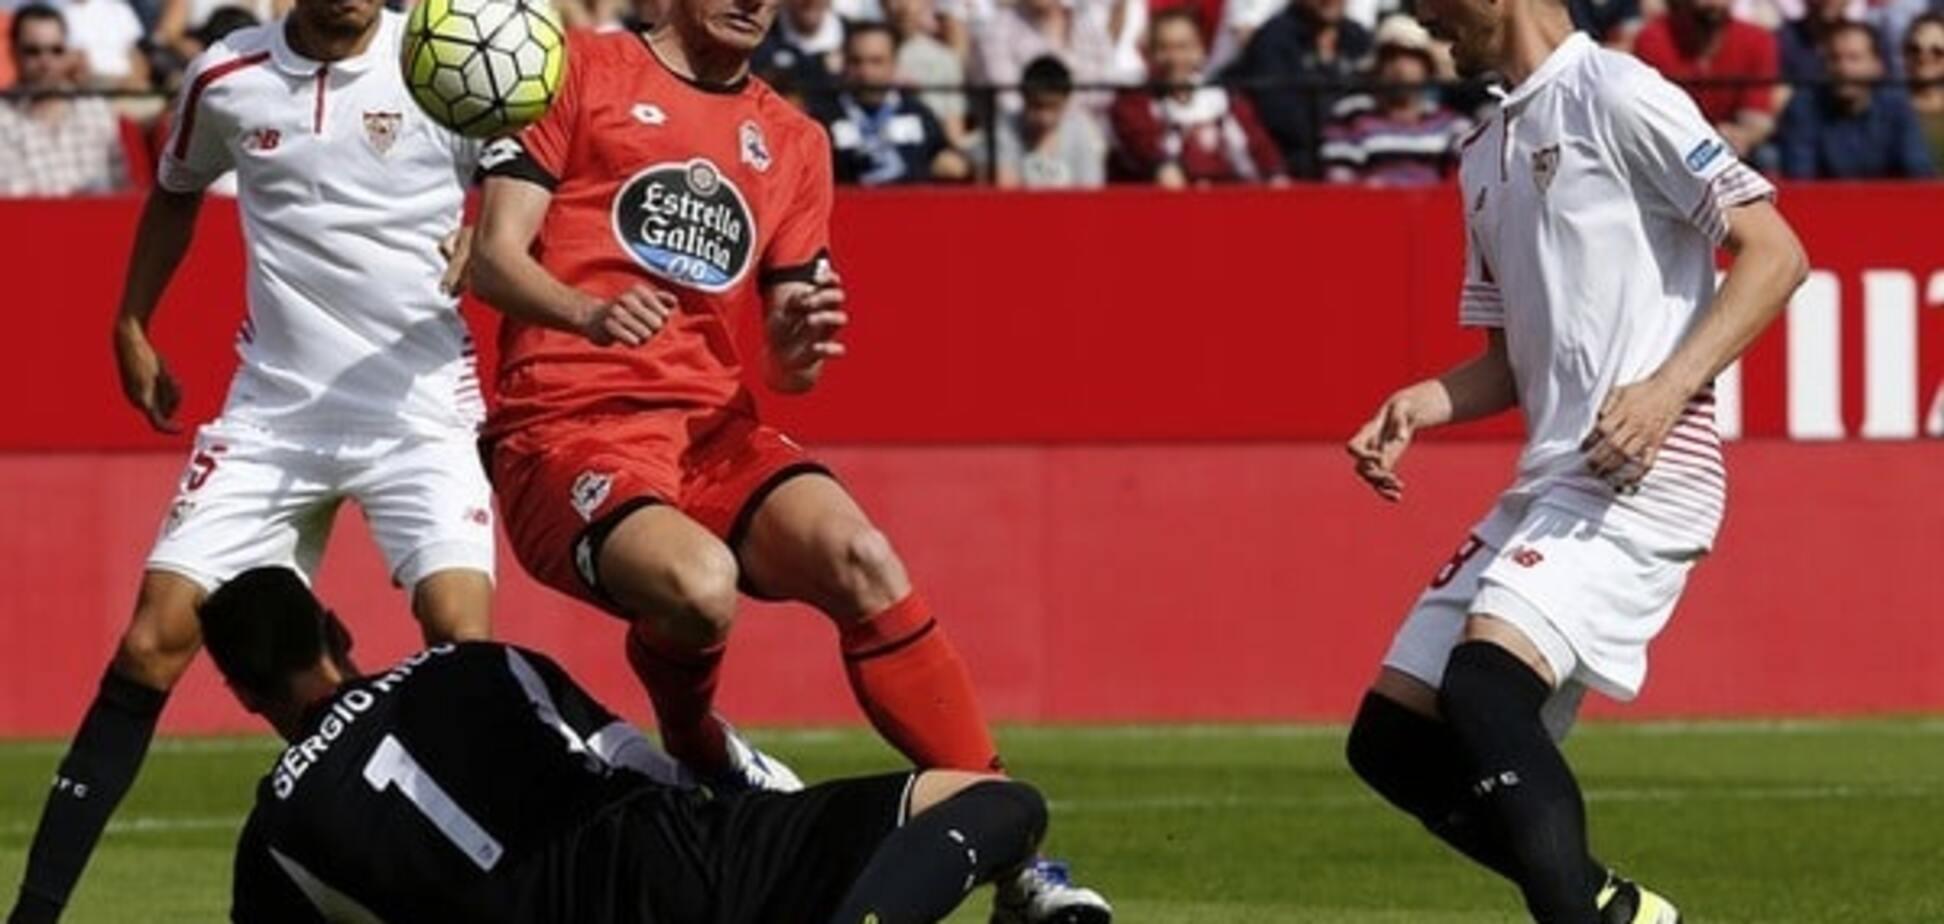 'Севілья' з Коноплянкою на старті упустила перемогу в чемпіонаті Іспанії